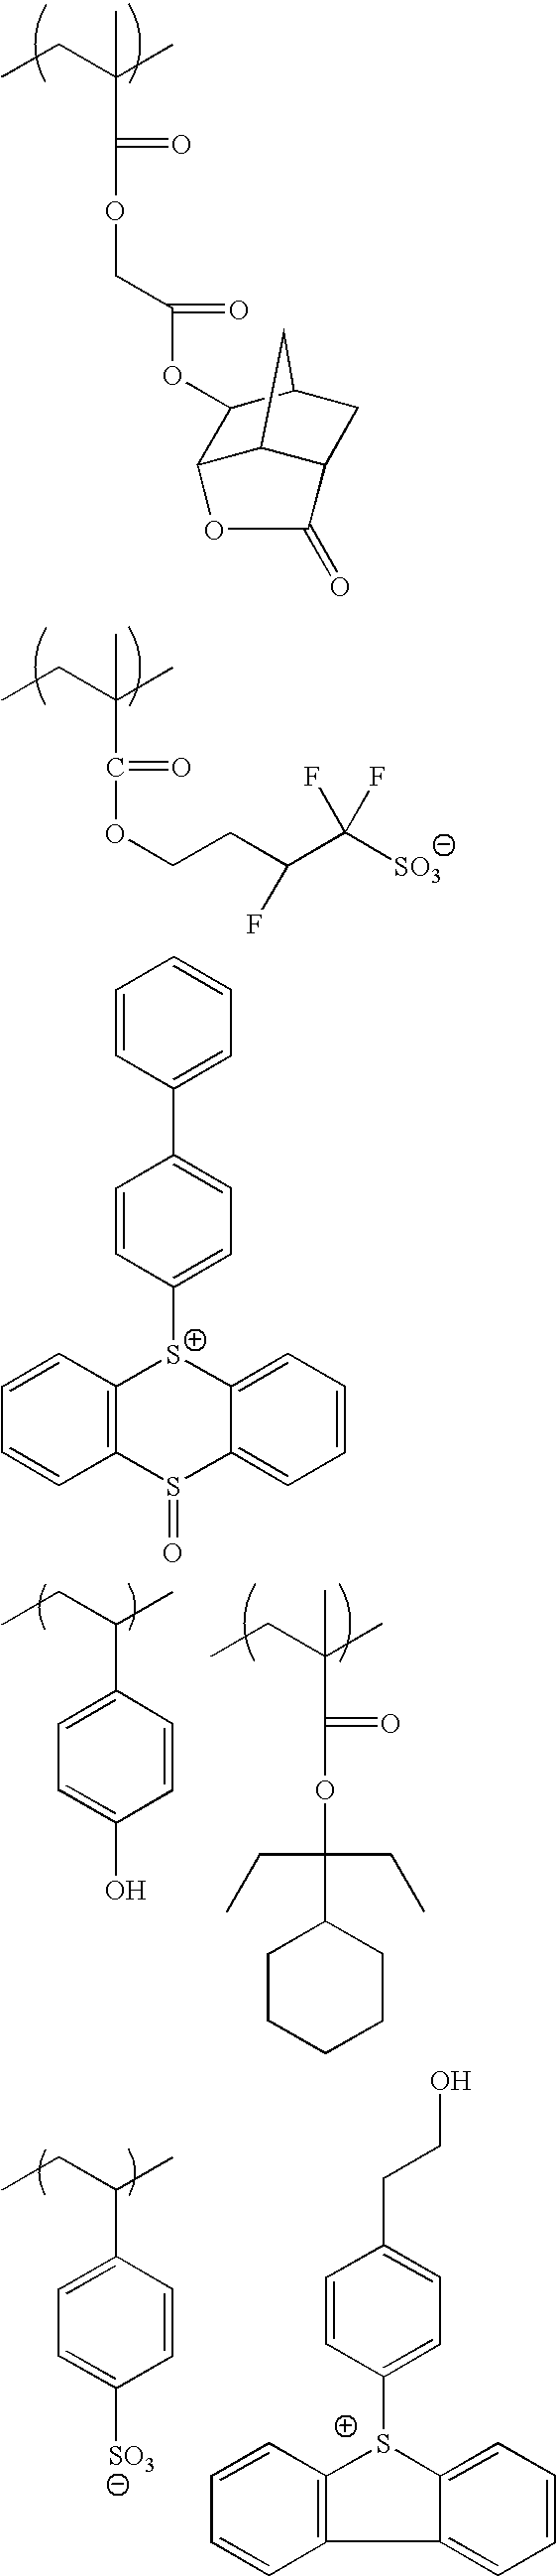 Figure US20100183975A1-20100722-C00197